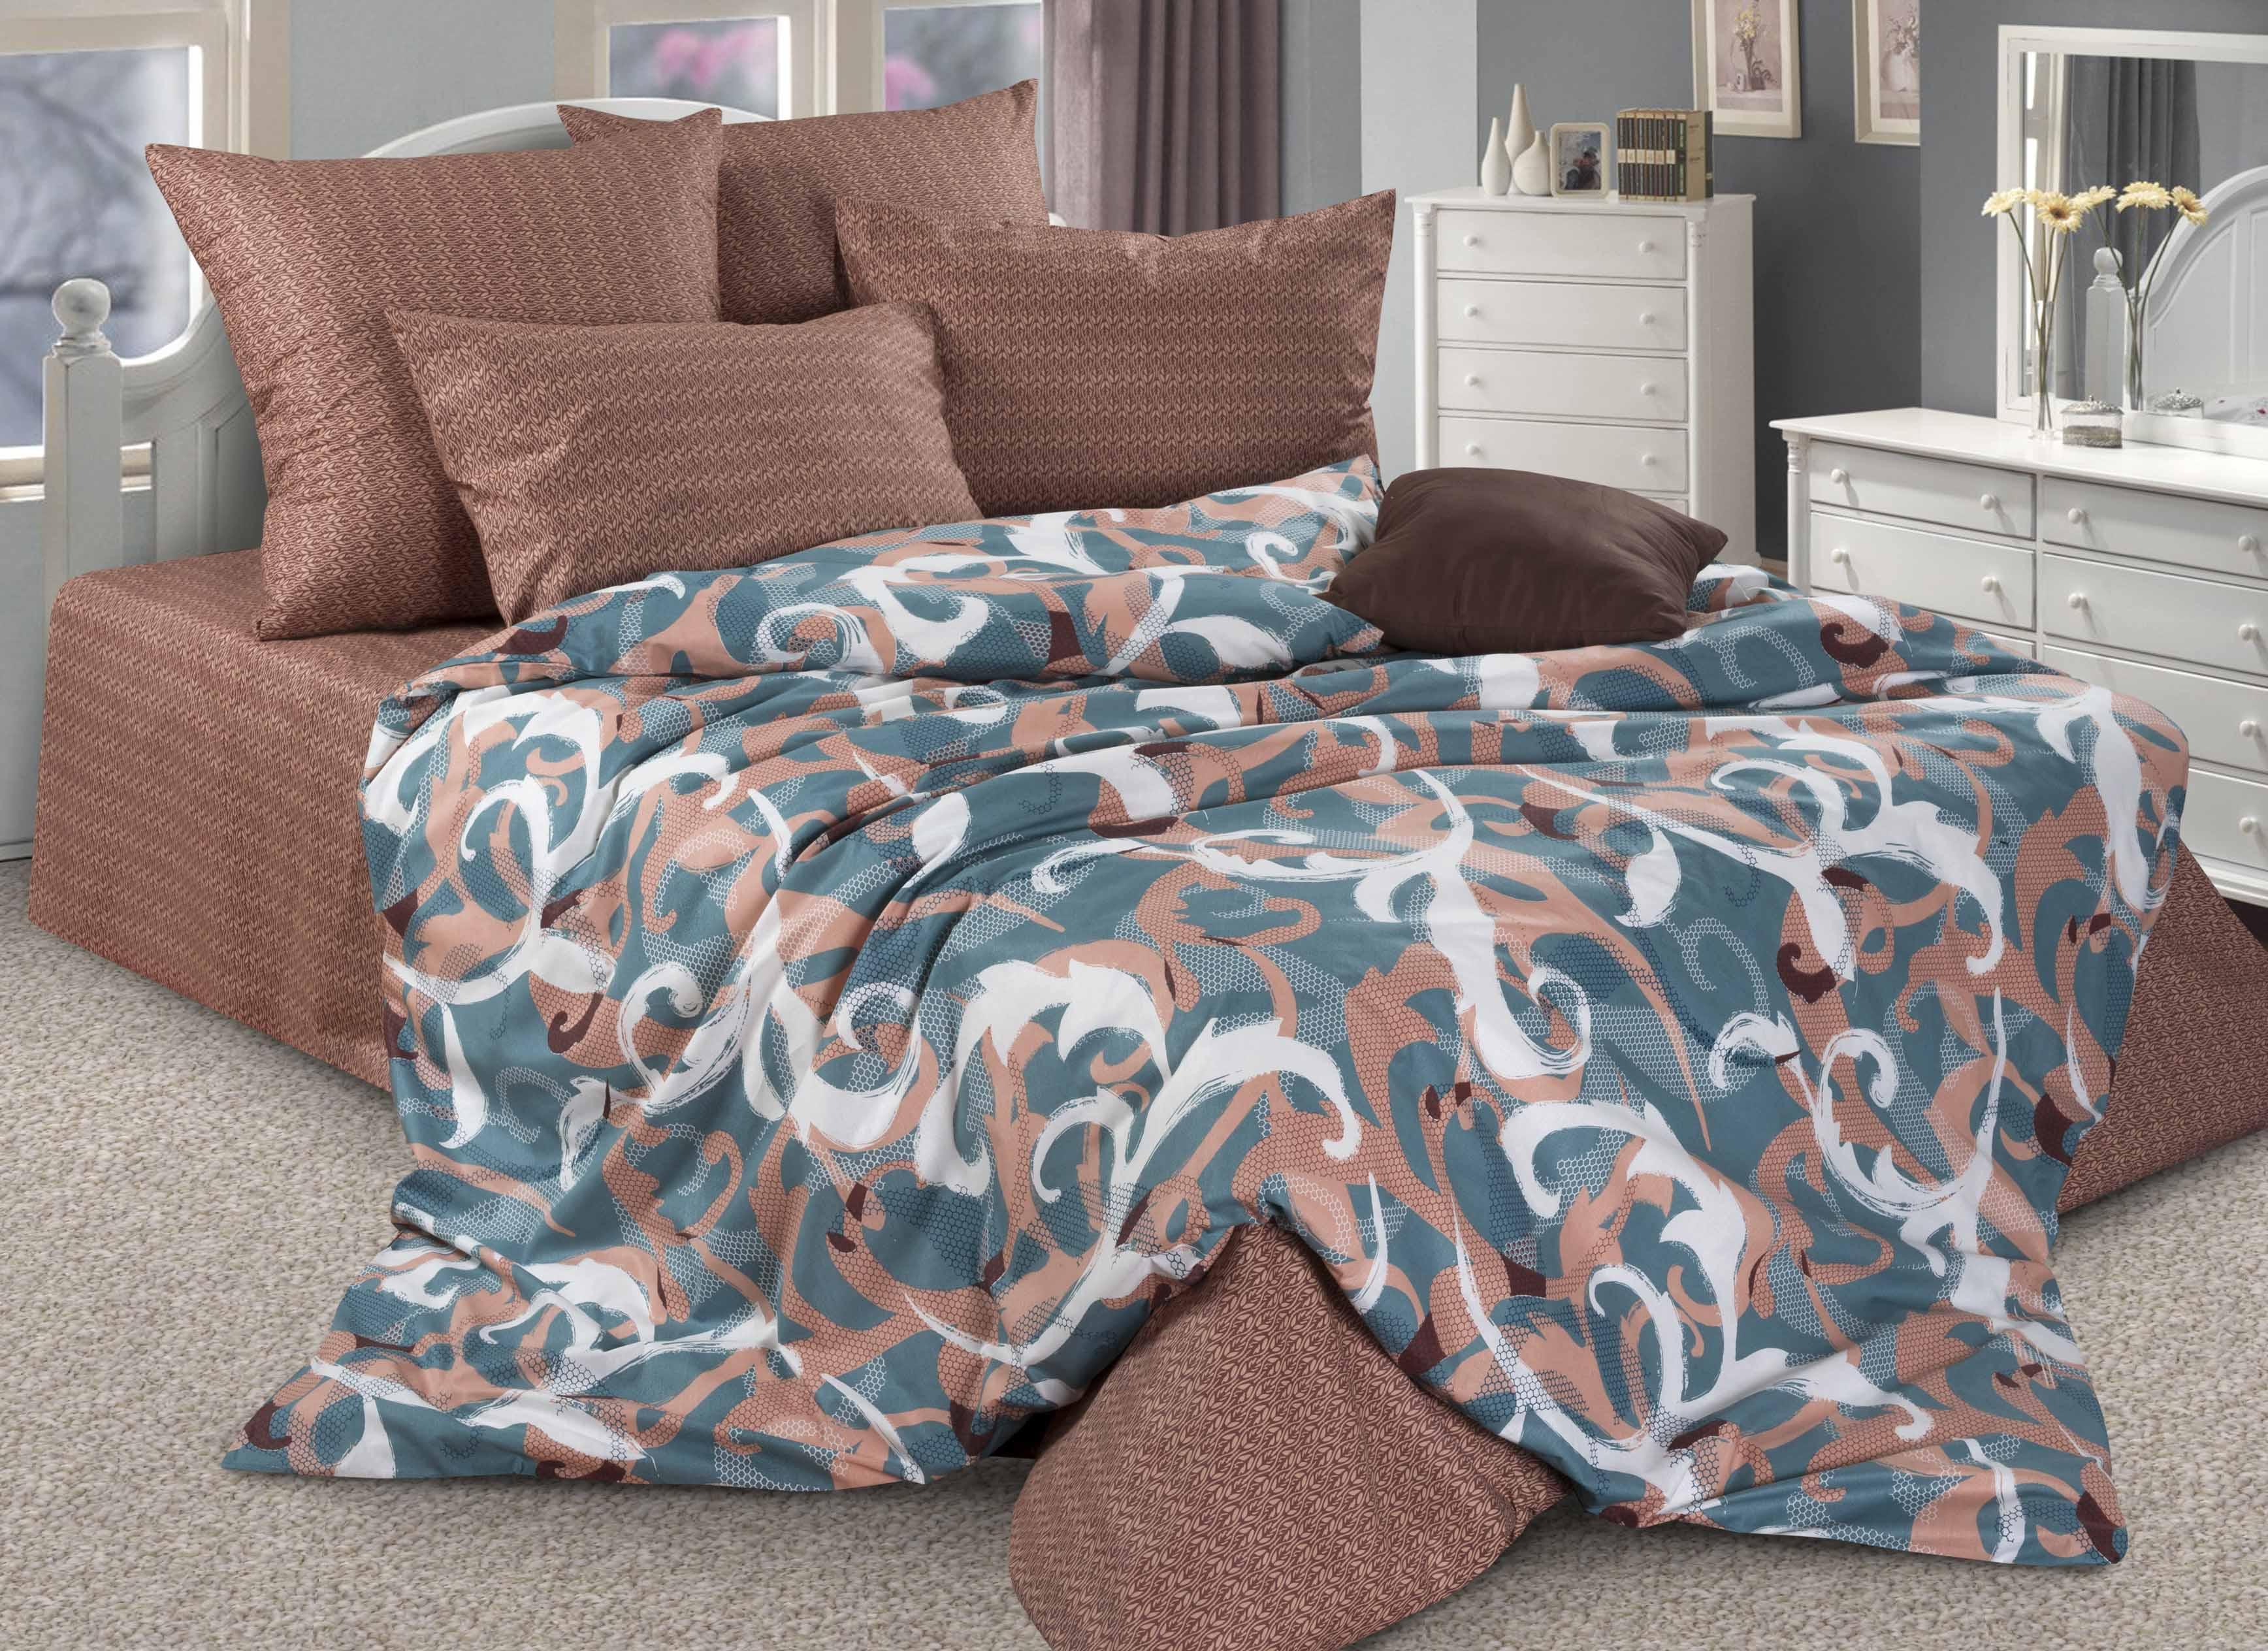 Комплекты постельного белья Guten Morgen gmg672631